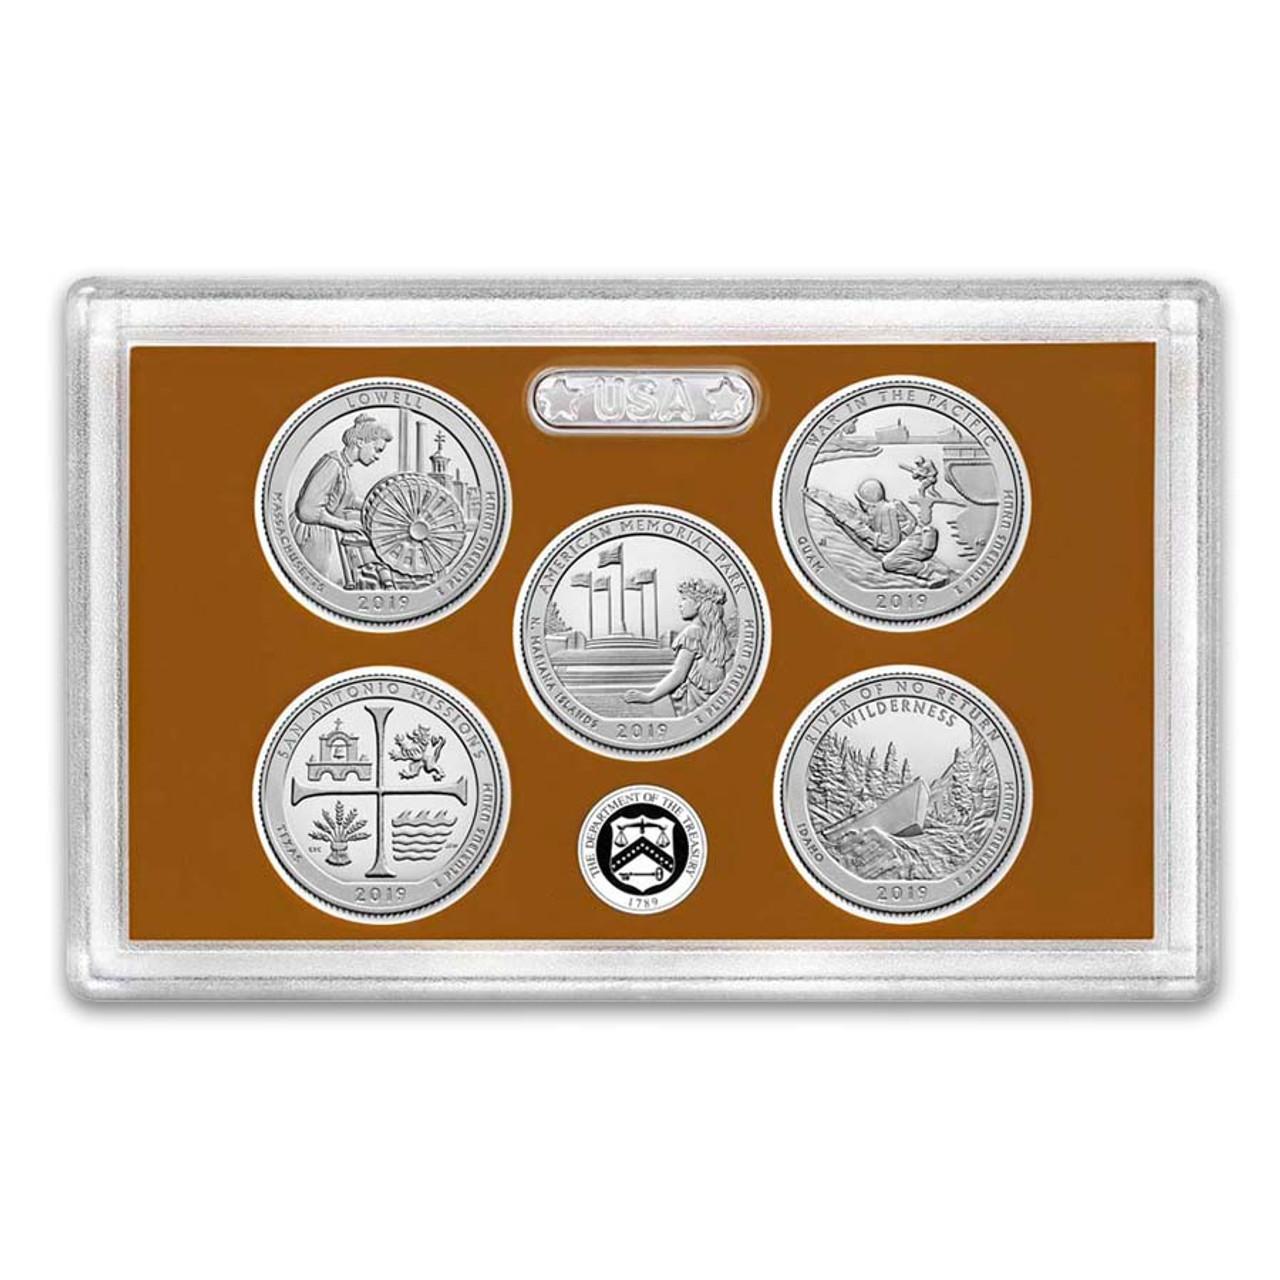 2019 National Parks Quarter Proof Set 5 Coins Image 1